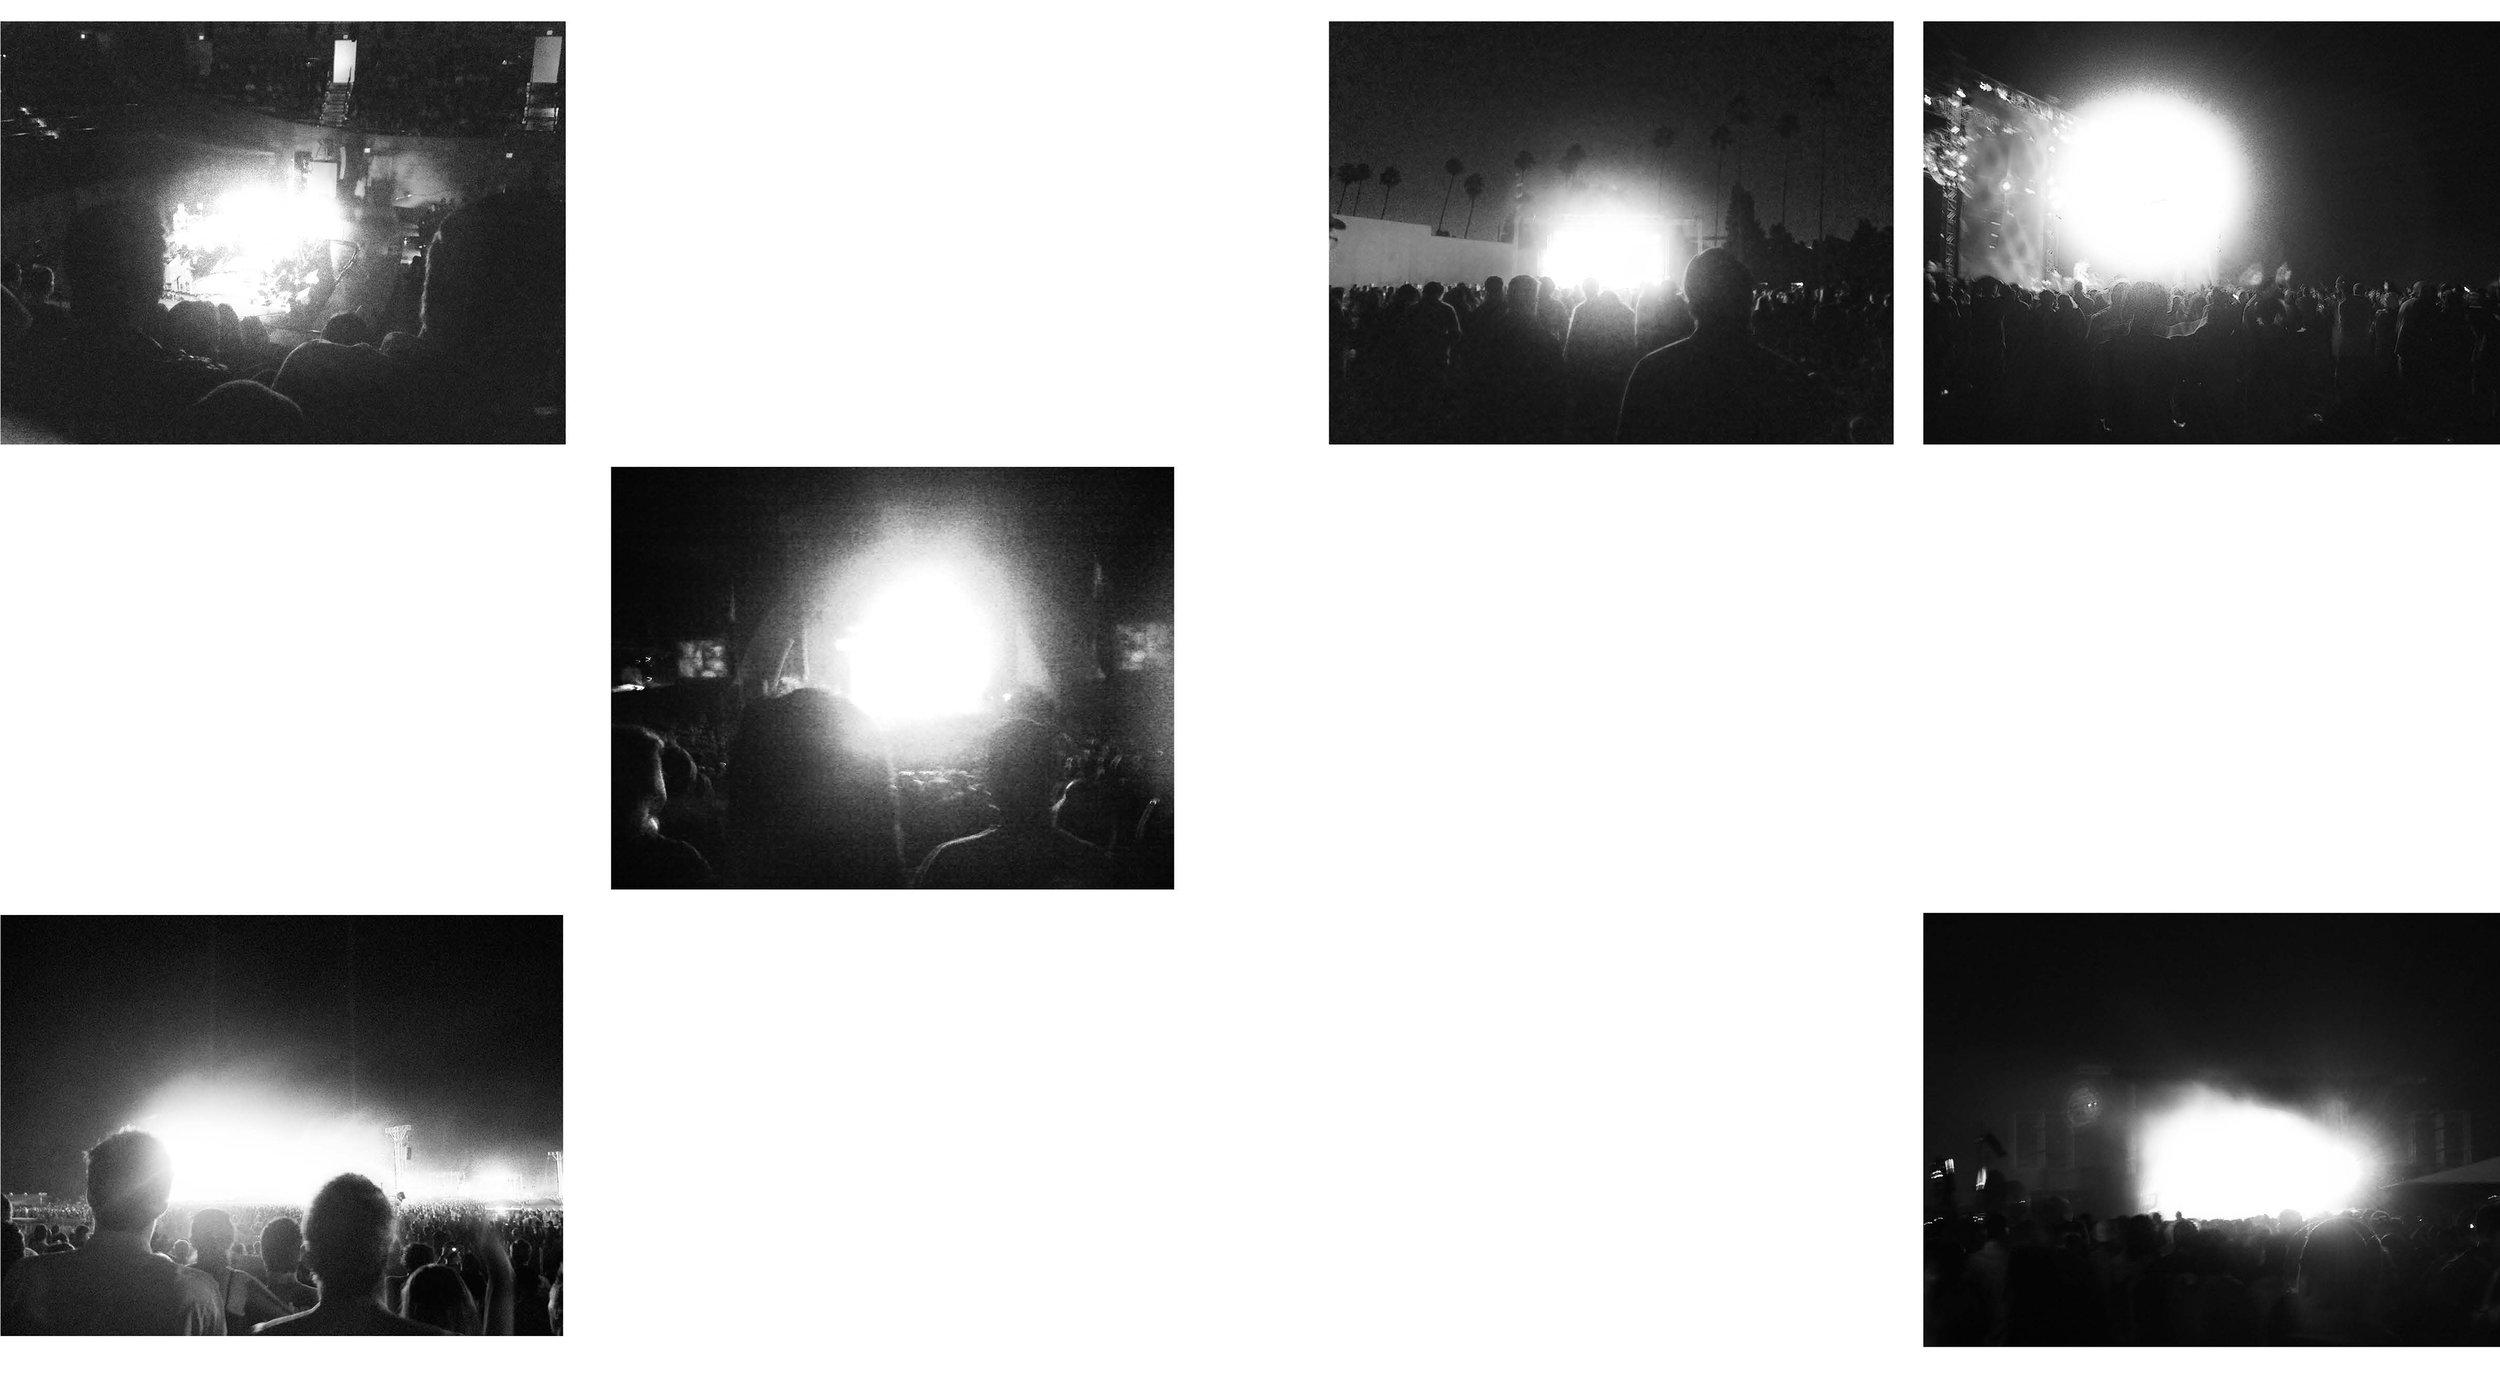 009_meteor explodes.jpg